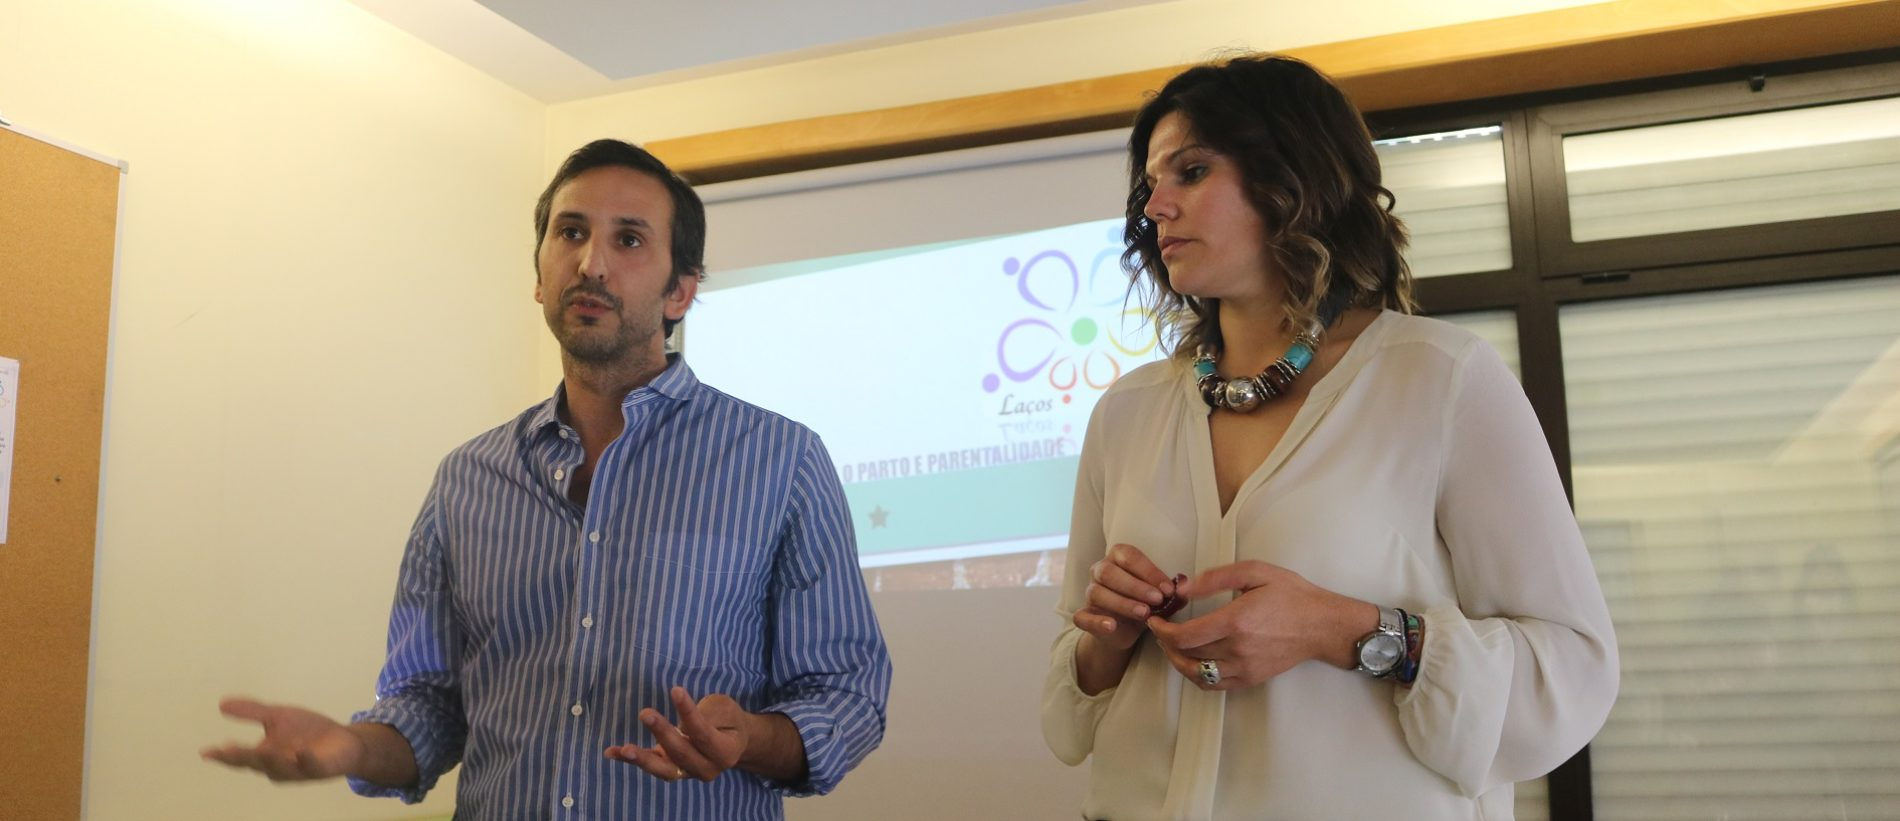 Oliveira do Hospital já tem programa de preparação para o parto e parentalidade